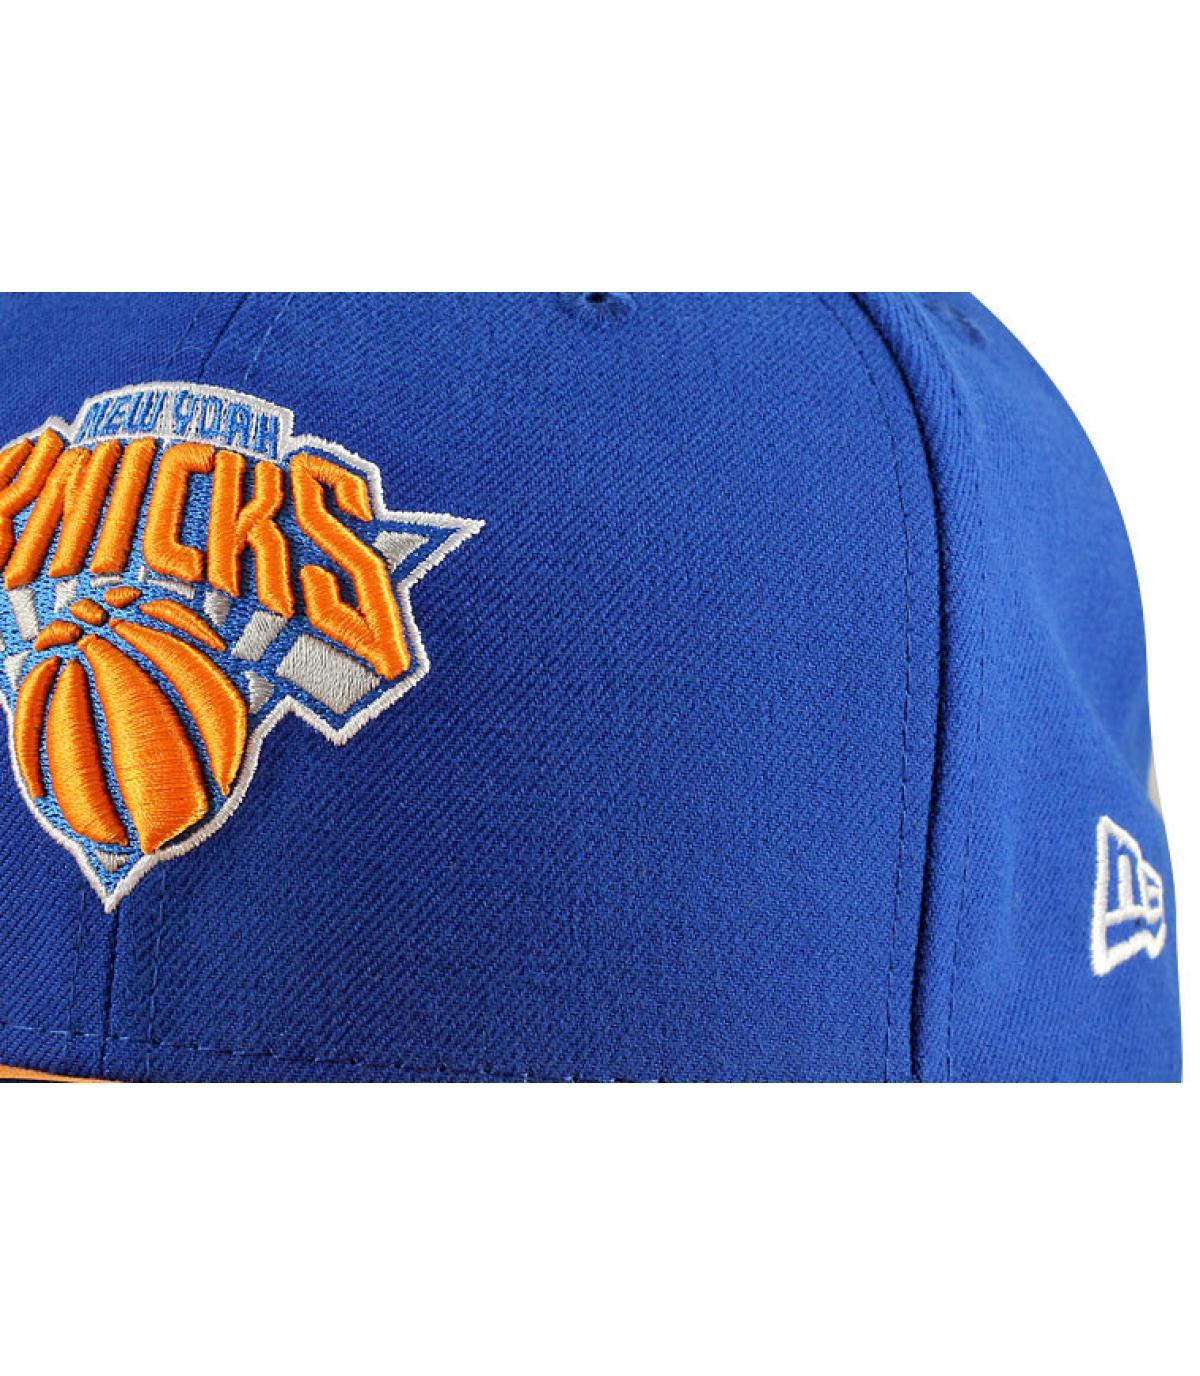 5ca31ef42f5 Blue knicks cap - New era knicks cap by New Era.